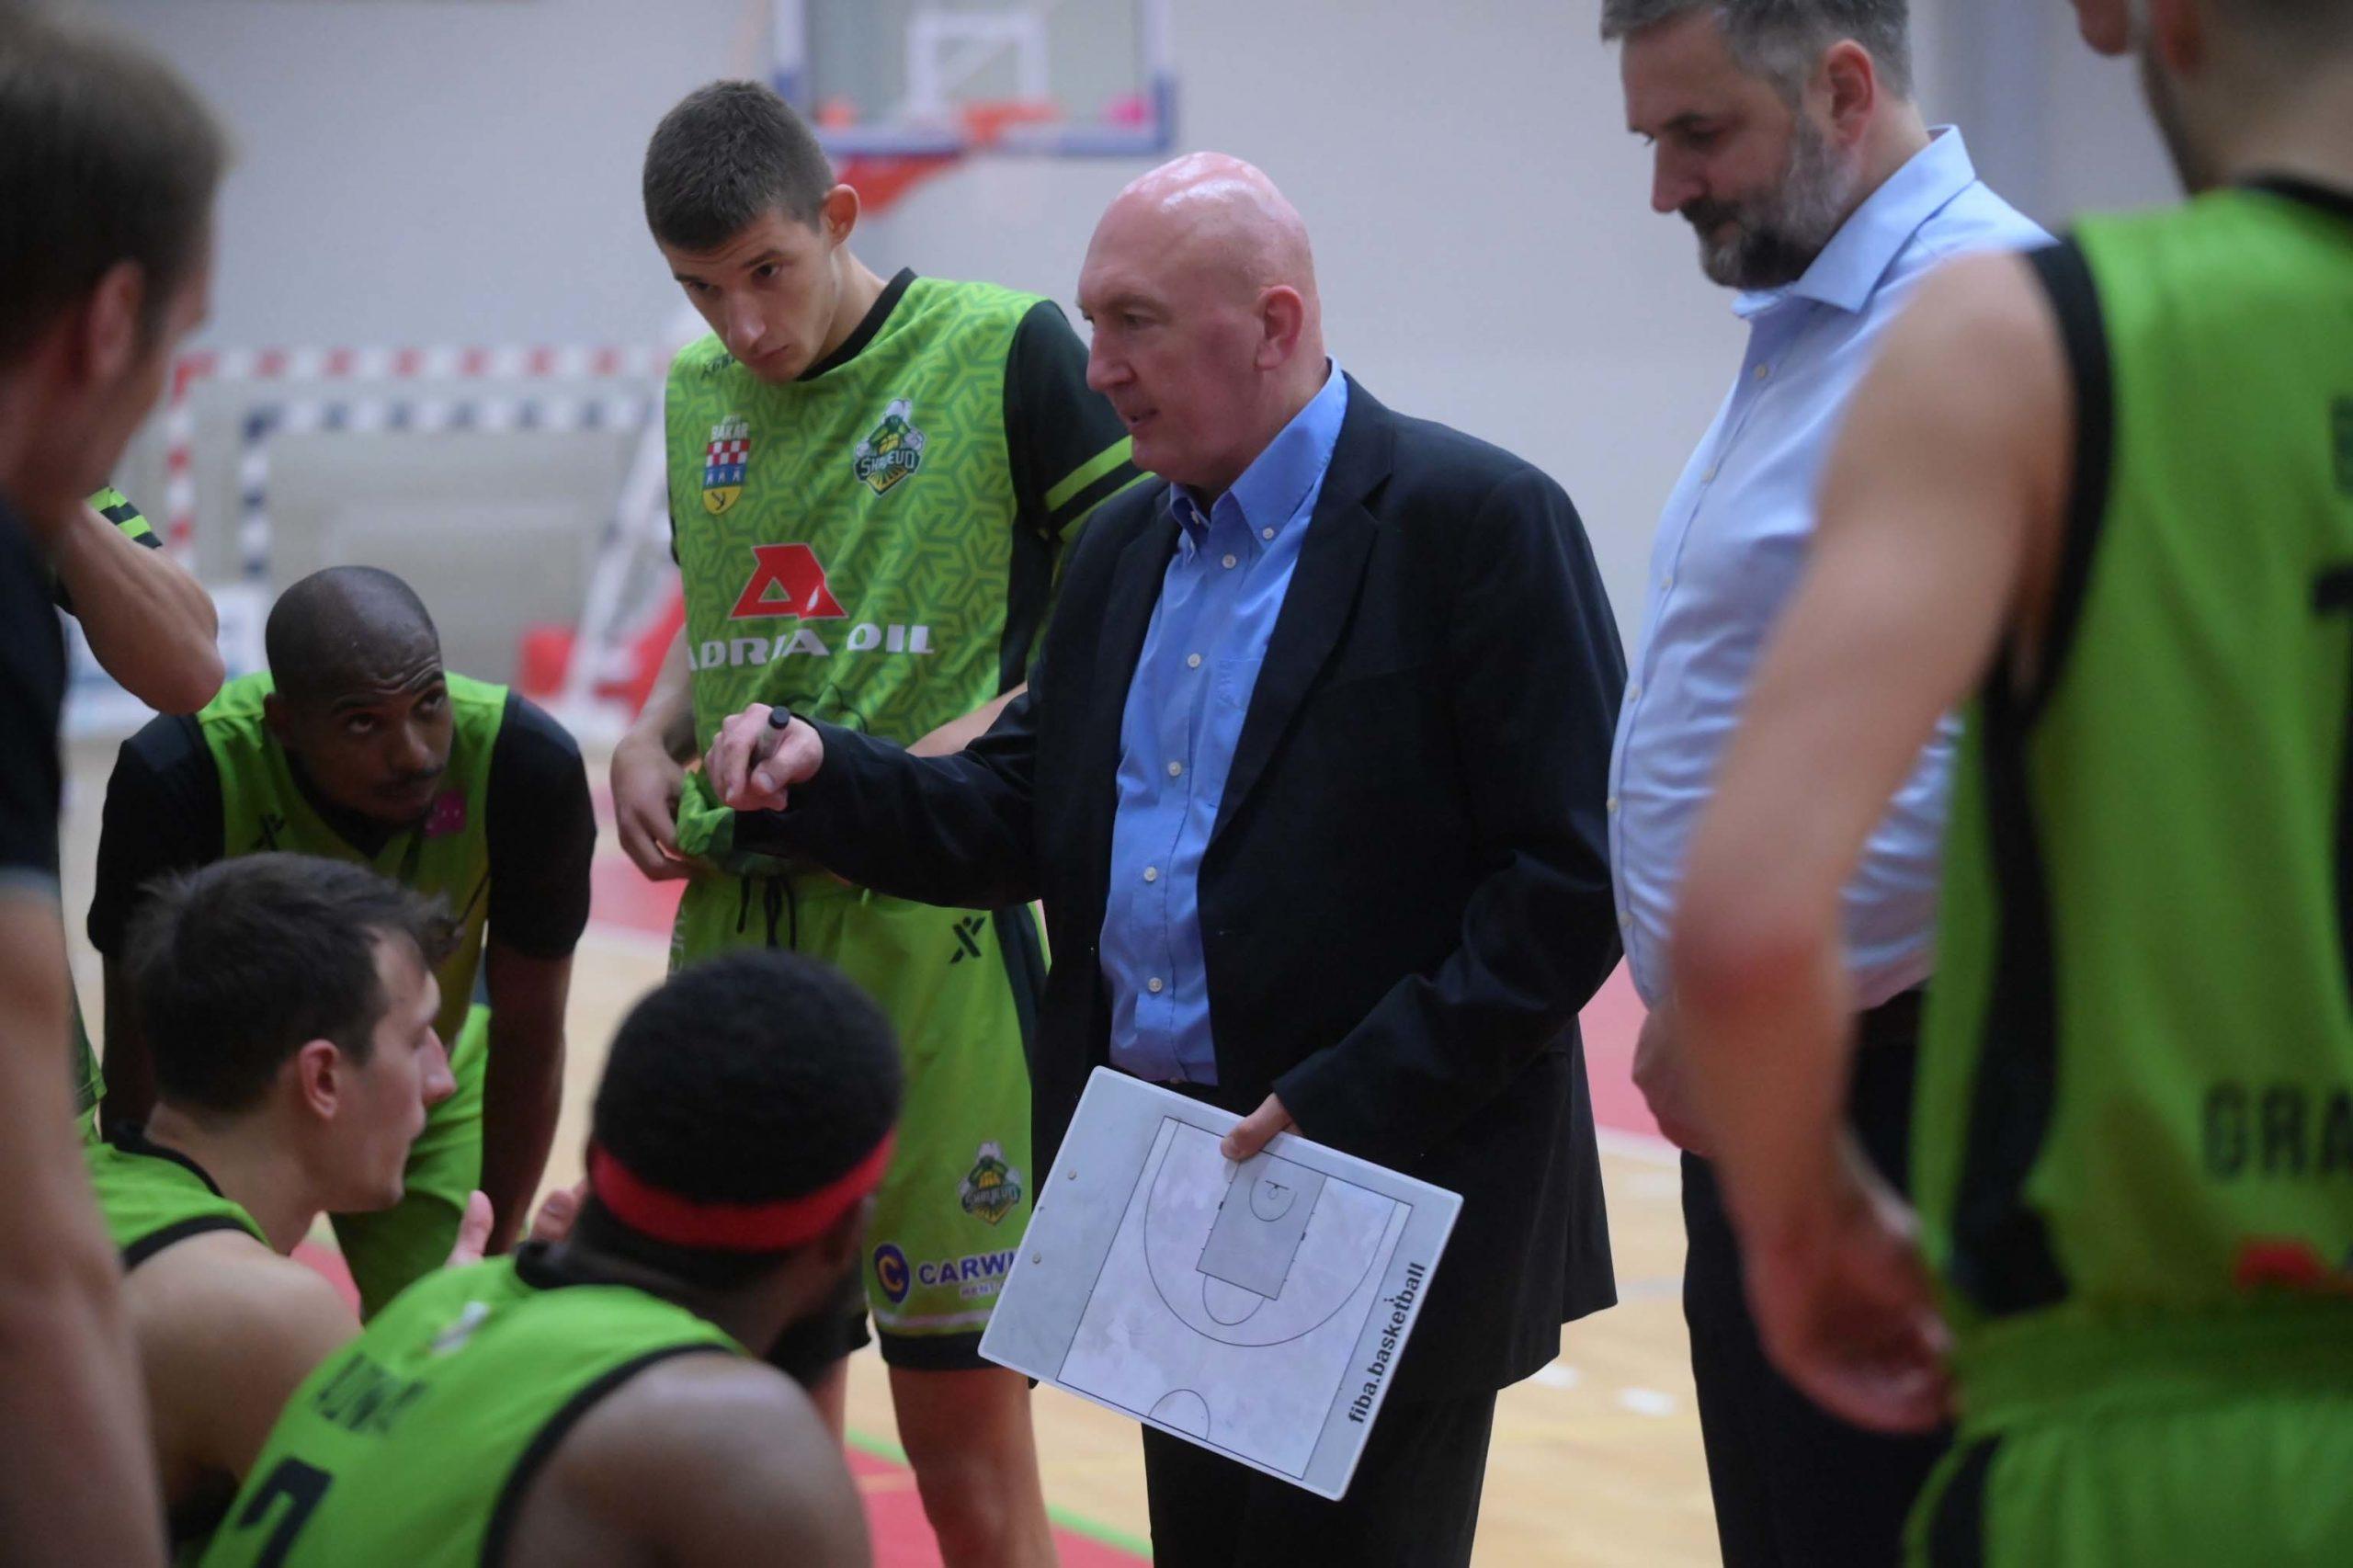 Damir Rajković/Foto: M. LEVAK